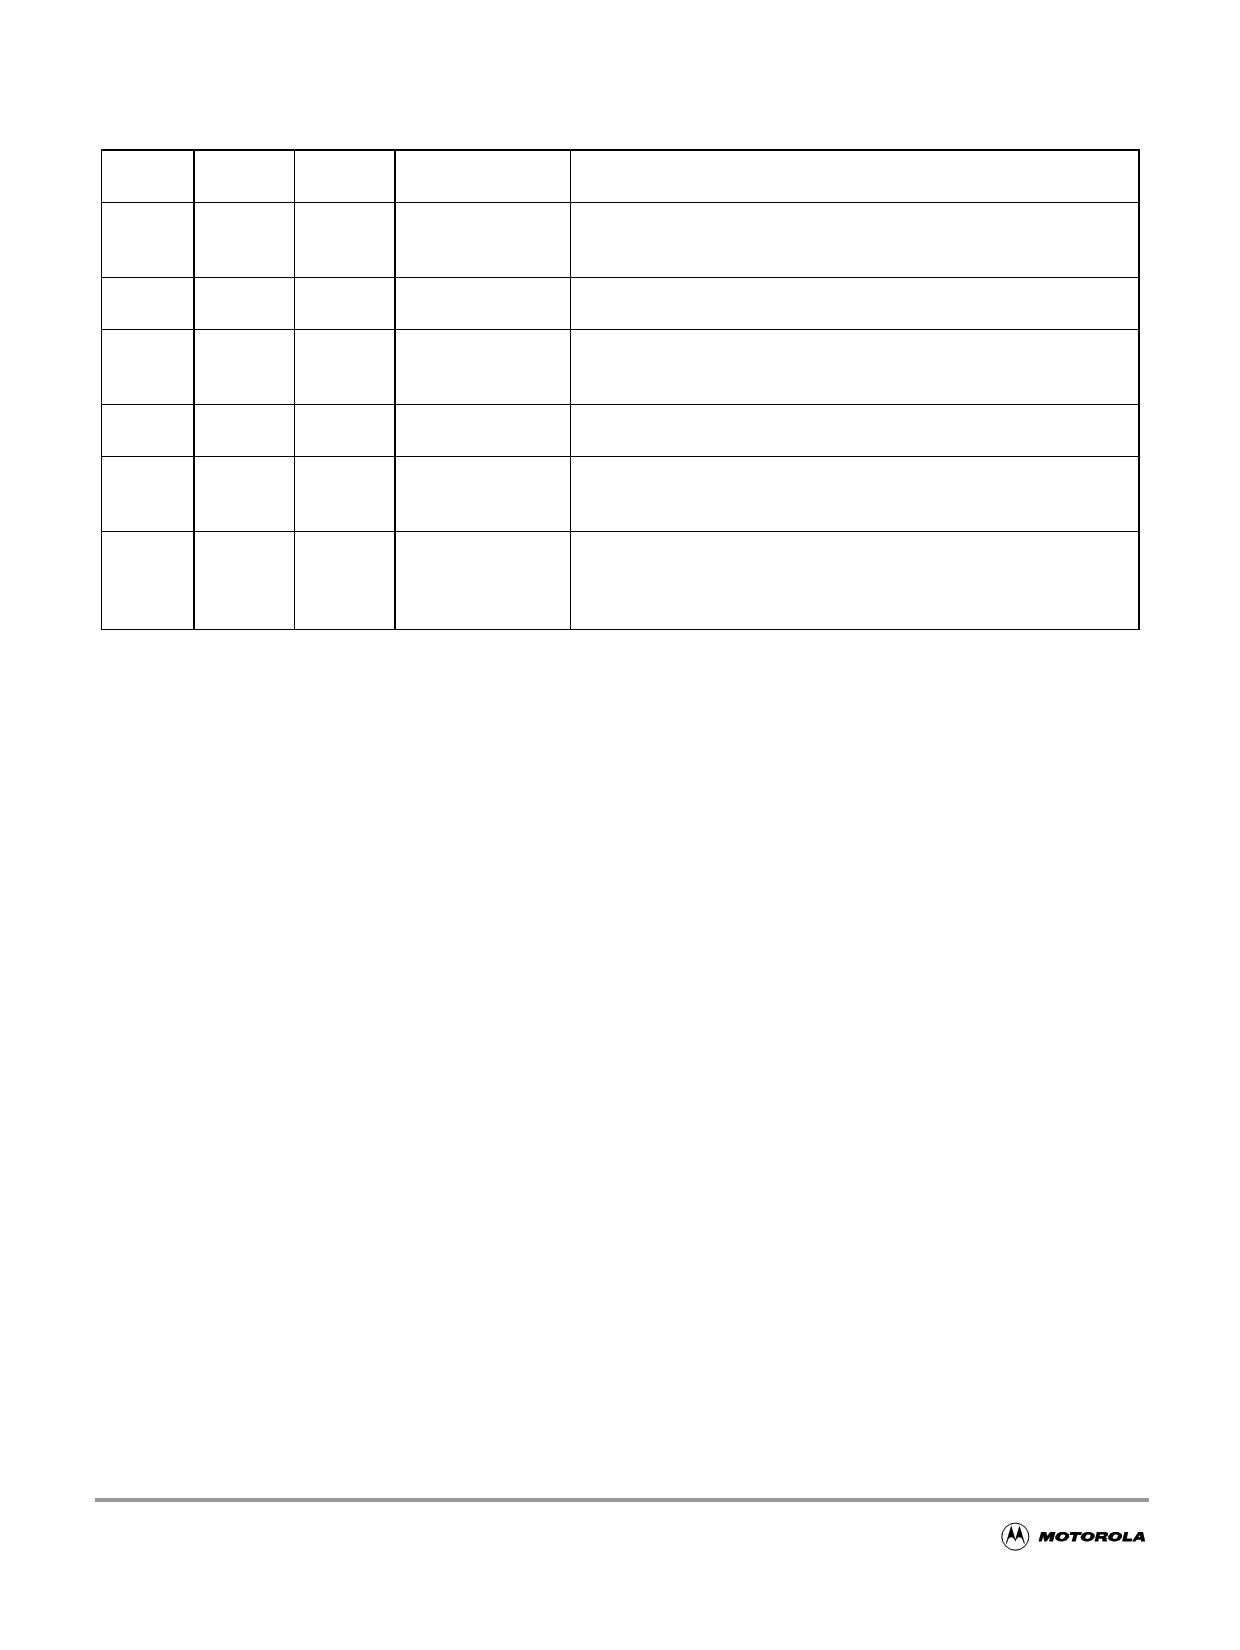 MC9S12DJ64 pdf, 반도체, 판매, 대치품